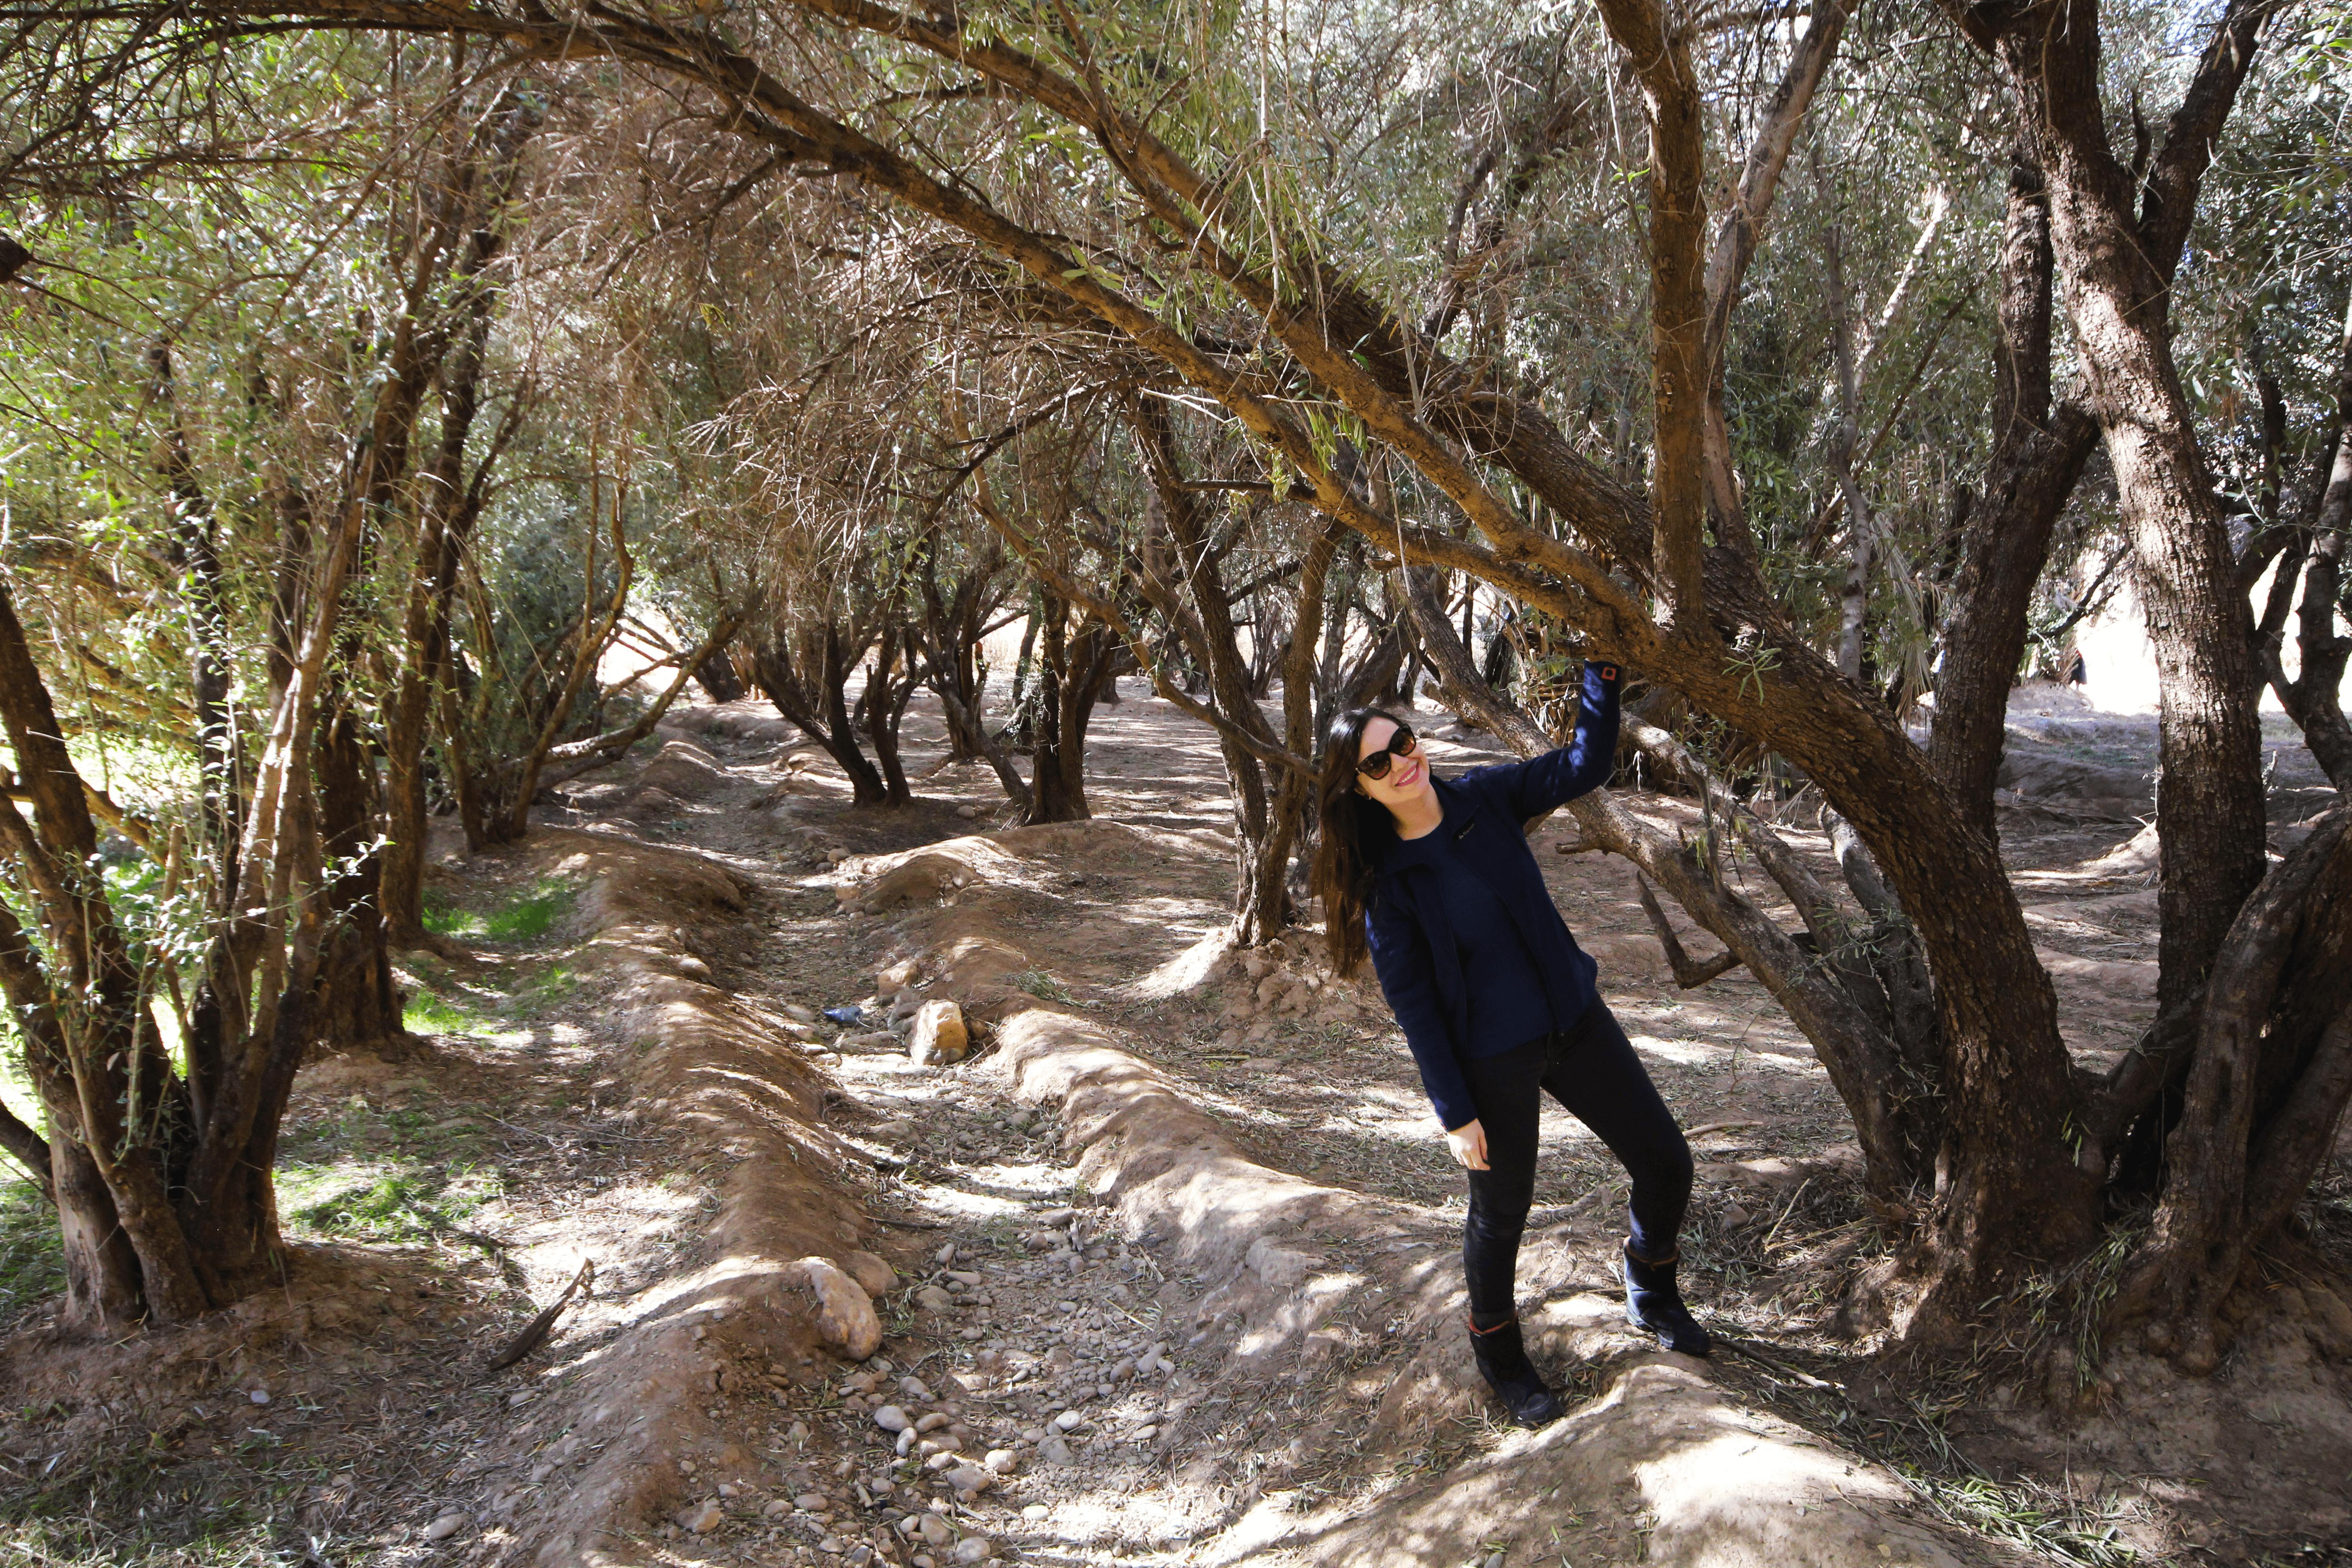 Mulheres no Marrocos: É seguro viajar sozinha? (Guia completo)